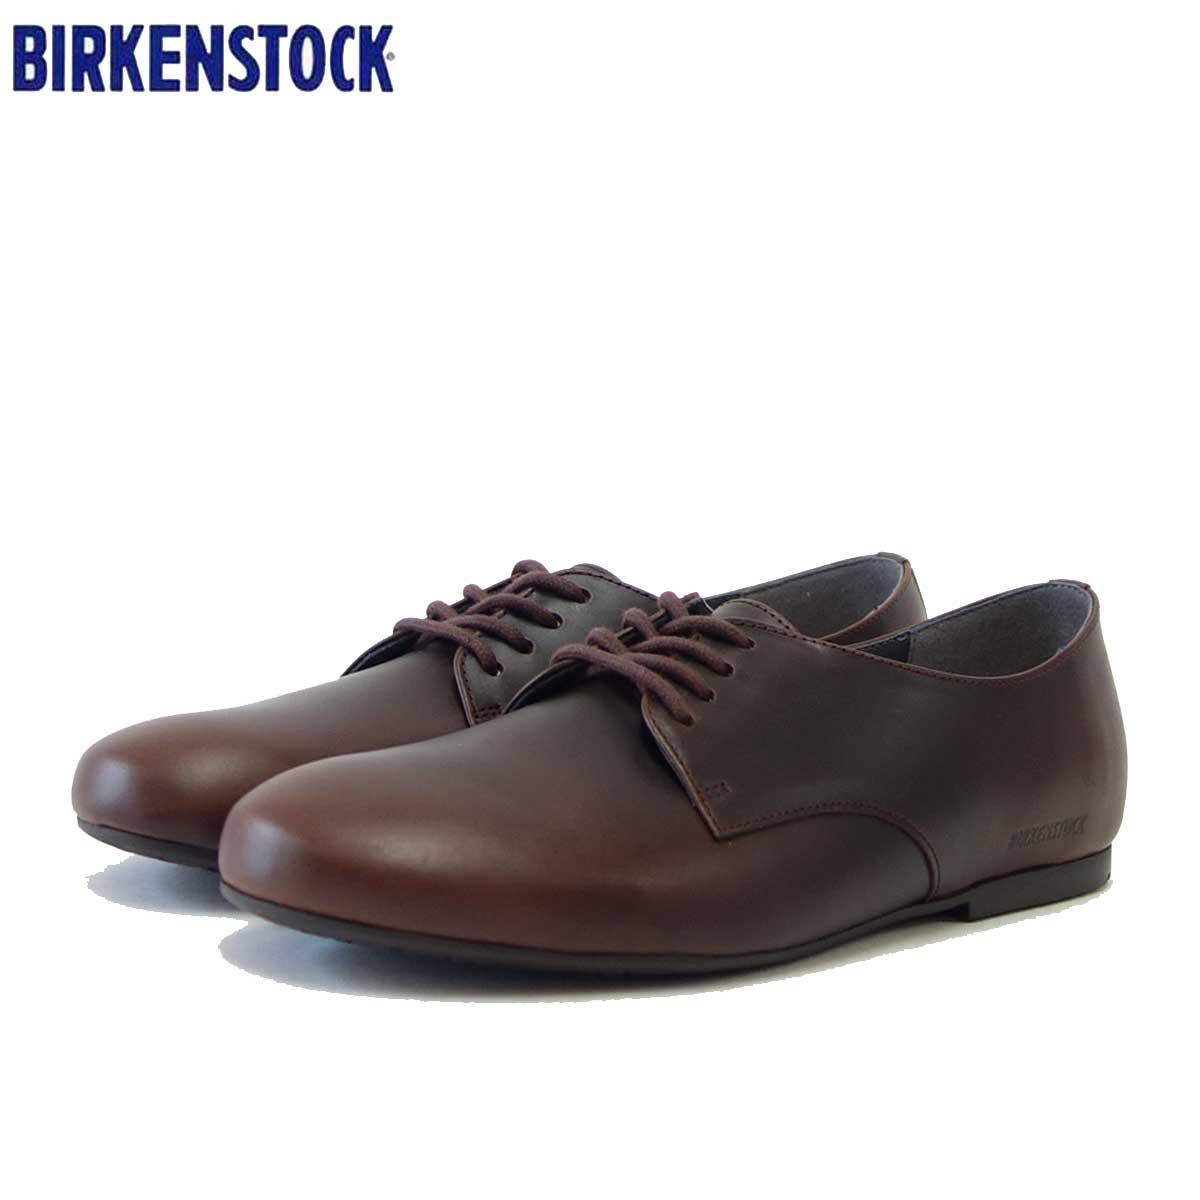 ビルケンシュトック BIRKENSTOCK SAUNDERS(ソーンダース)レディース 1013203(天然皮革/マホガニー)「靴」